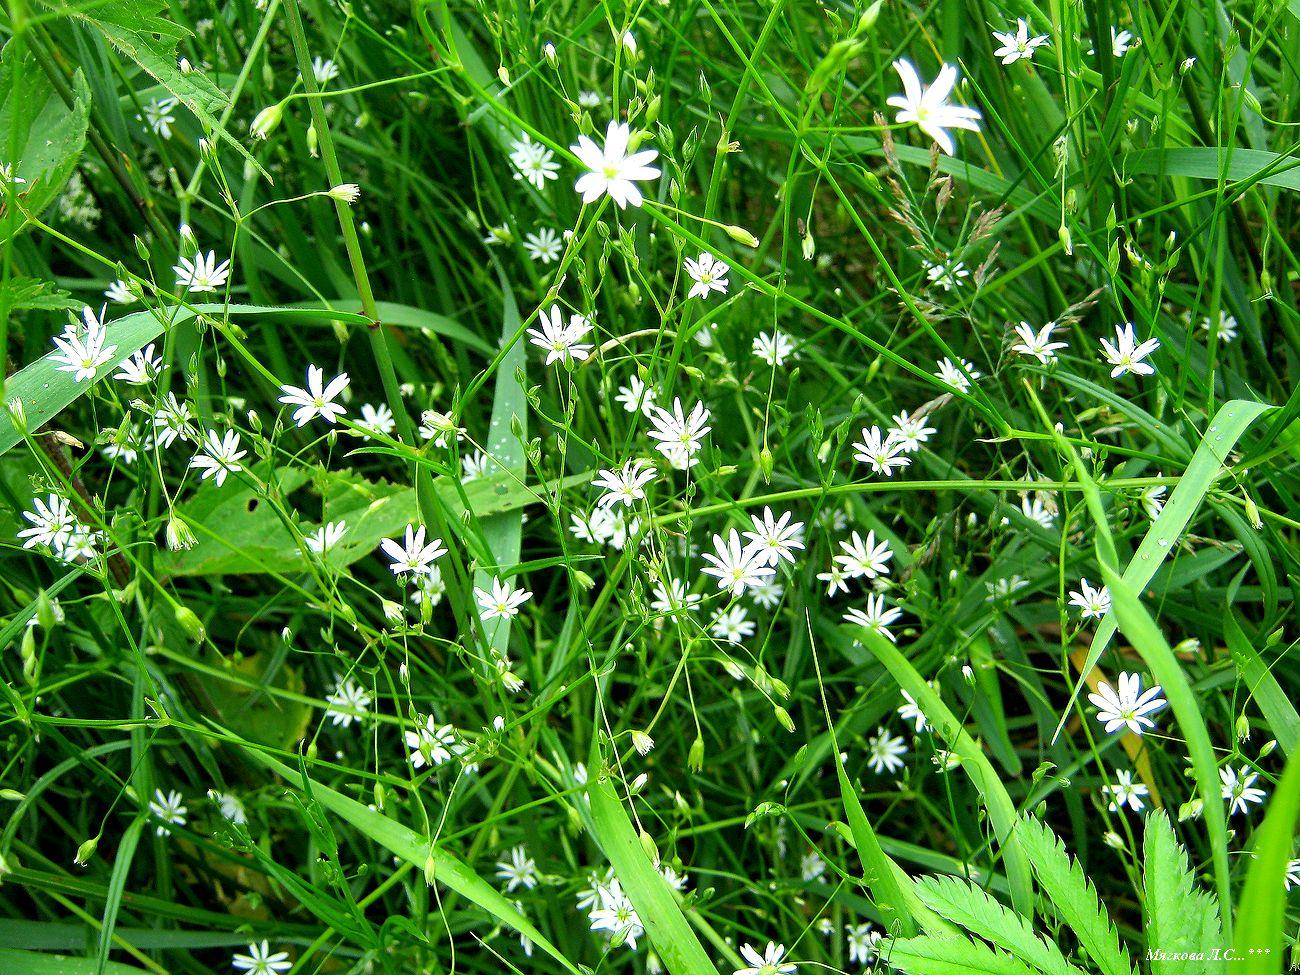 00 звёзды в траве _6364.jpg